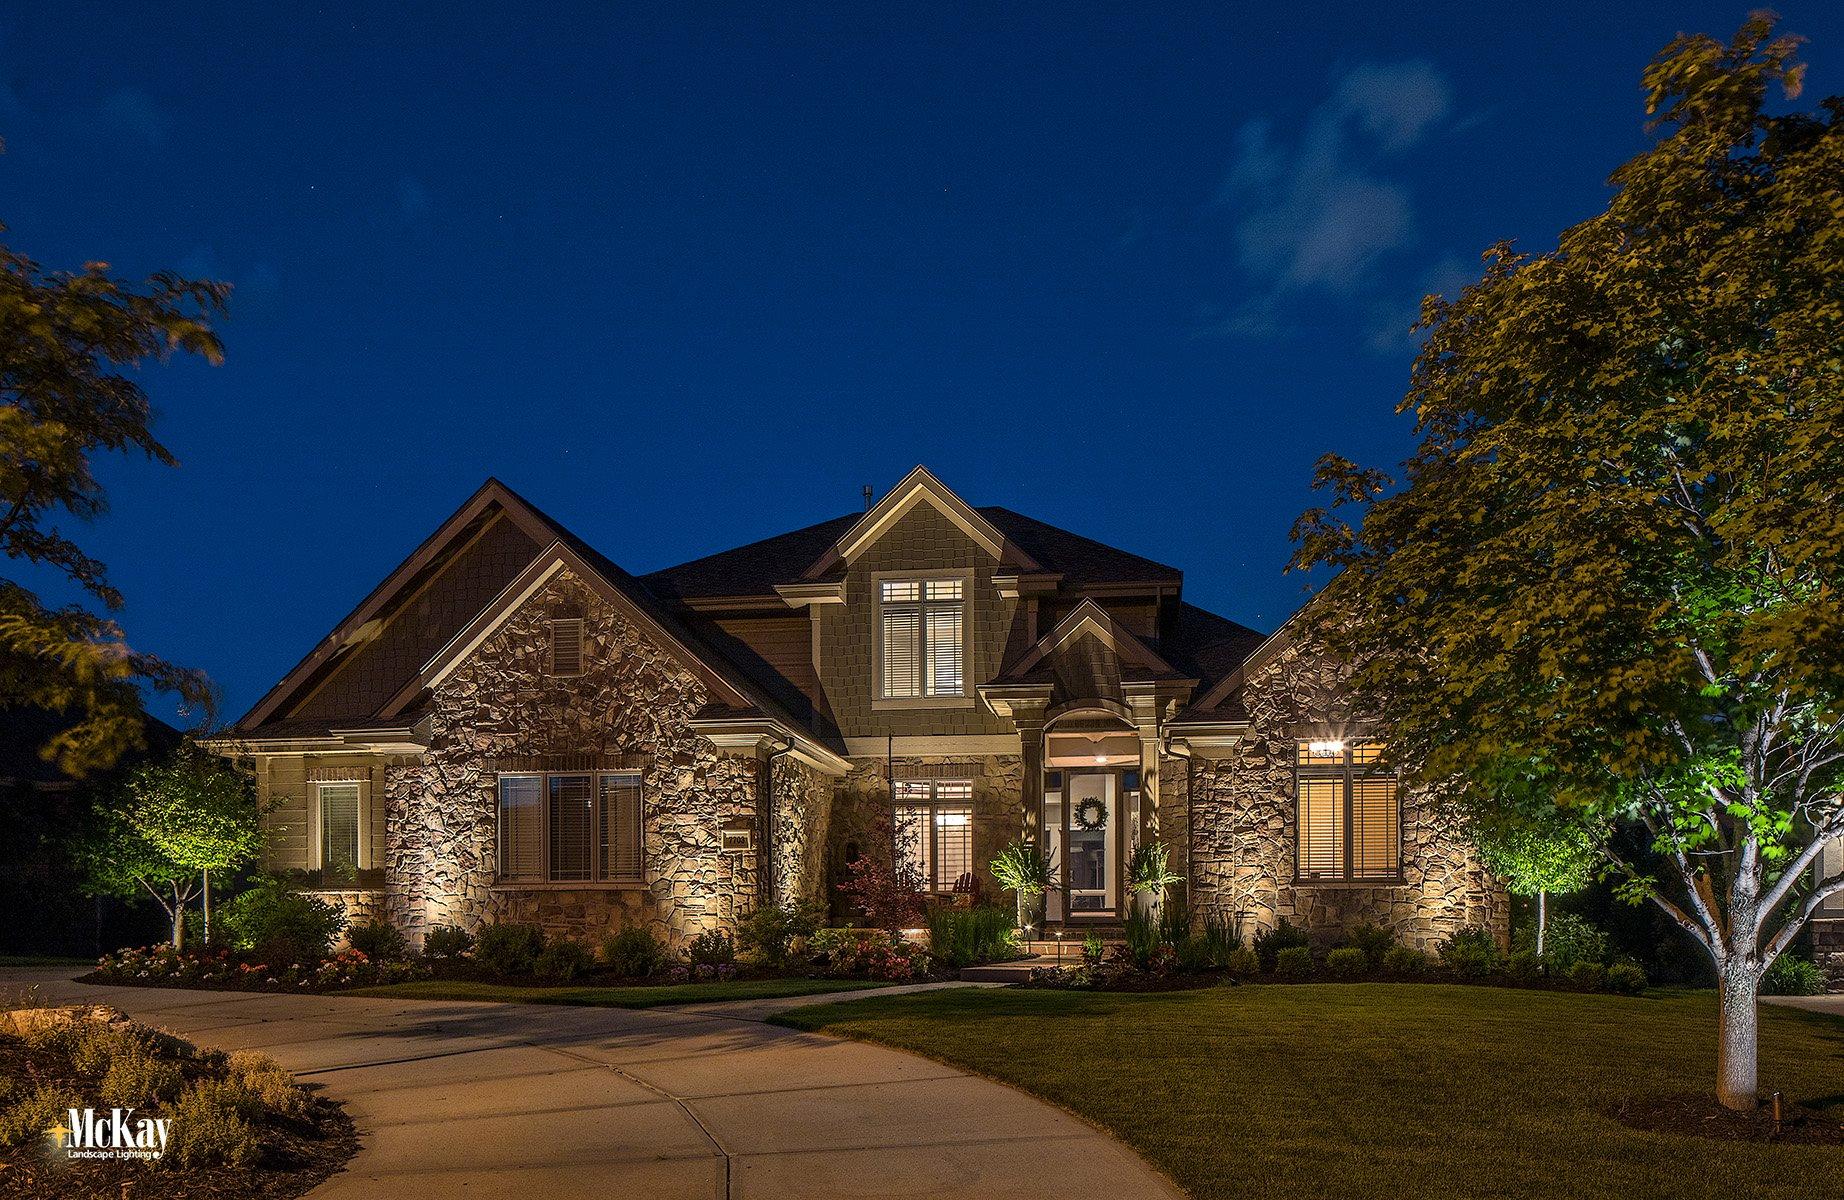 Outdoor Home Security Lighting Omaha Nebraska - McKay Landscape Lighting